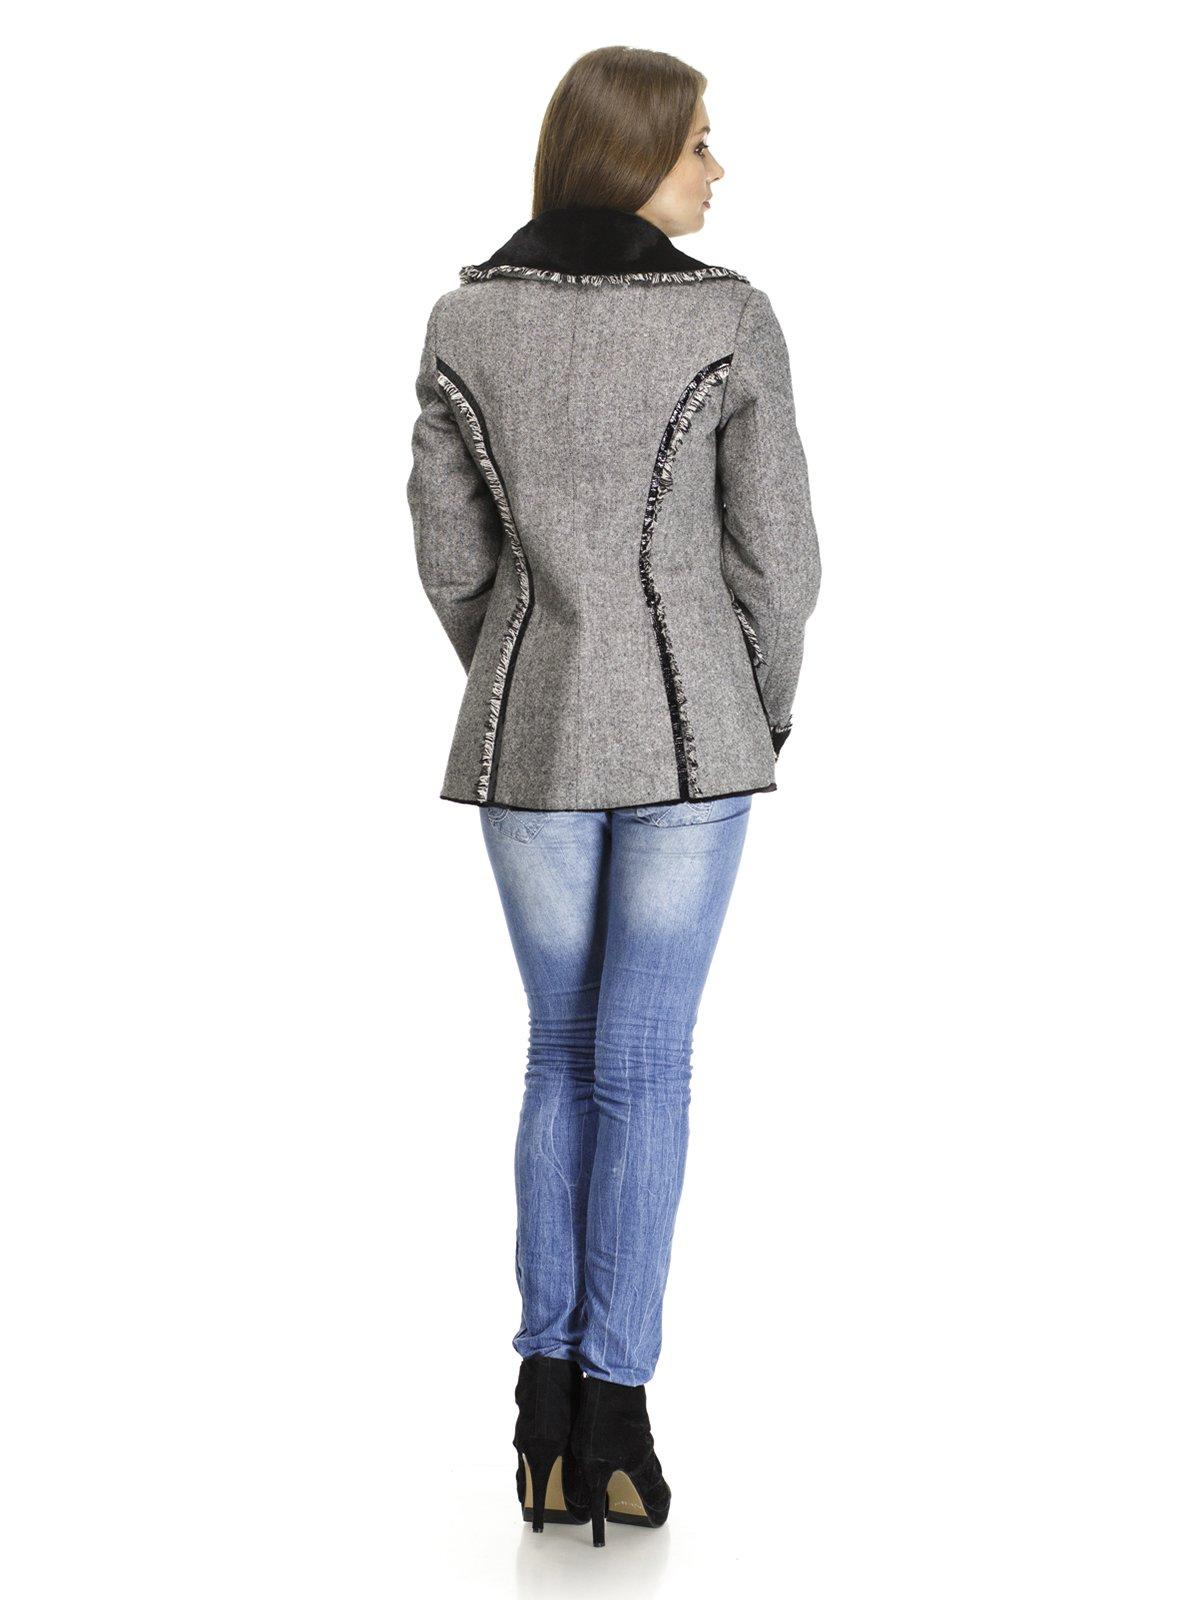 Пальто двостороннє з бахромою | 468360 | фото 4